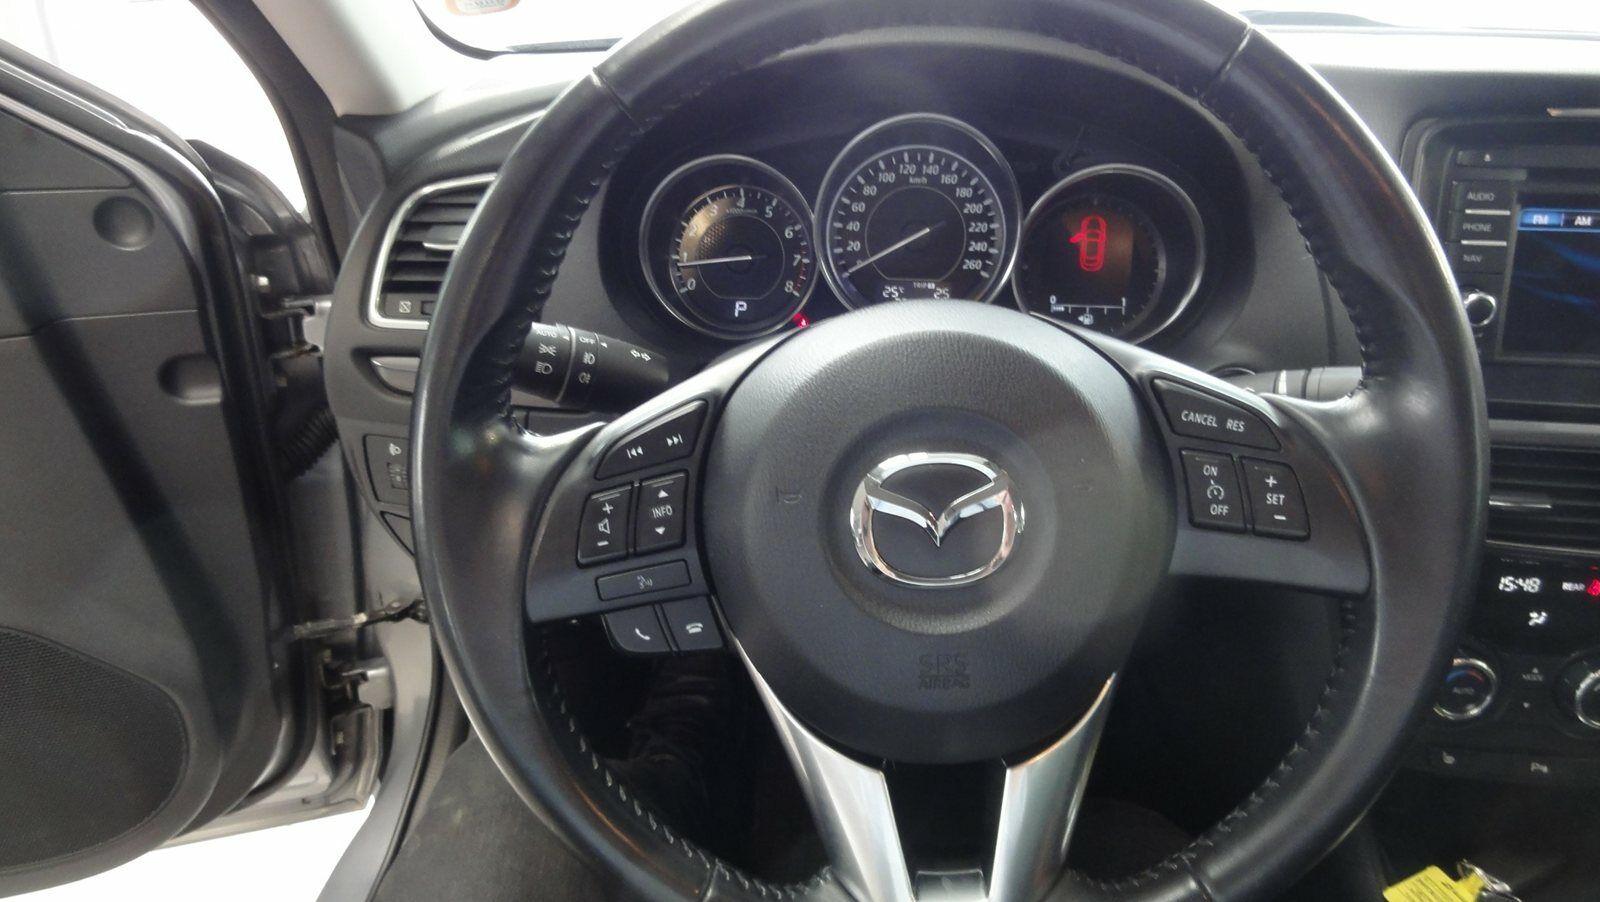 Mazda 6 2,0 Sky-G 165 Vision aut. - billede 8